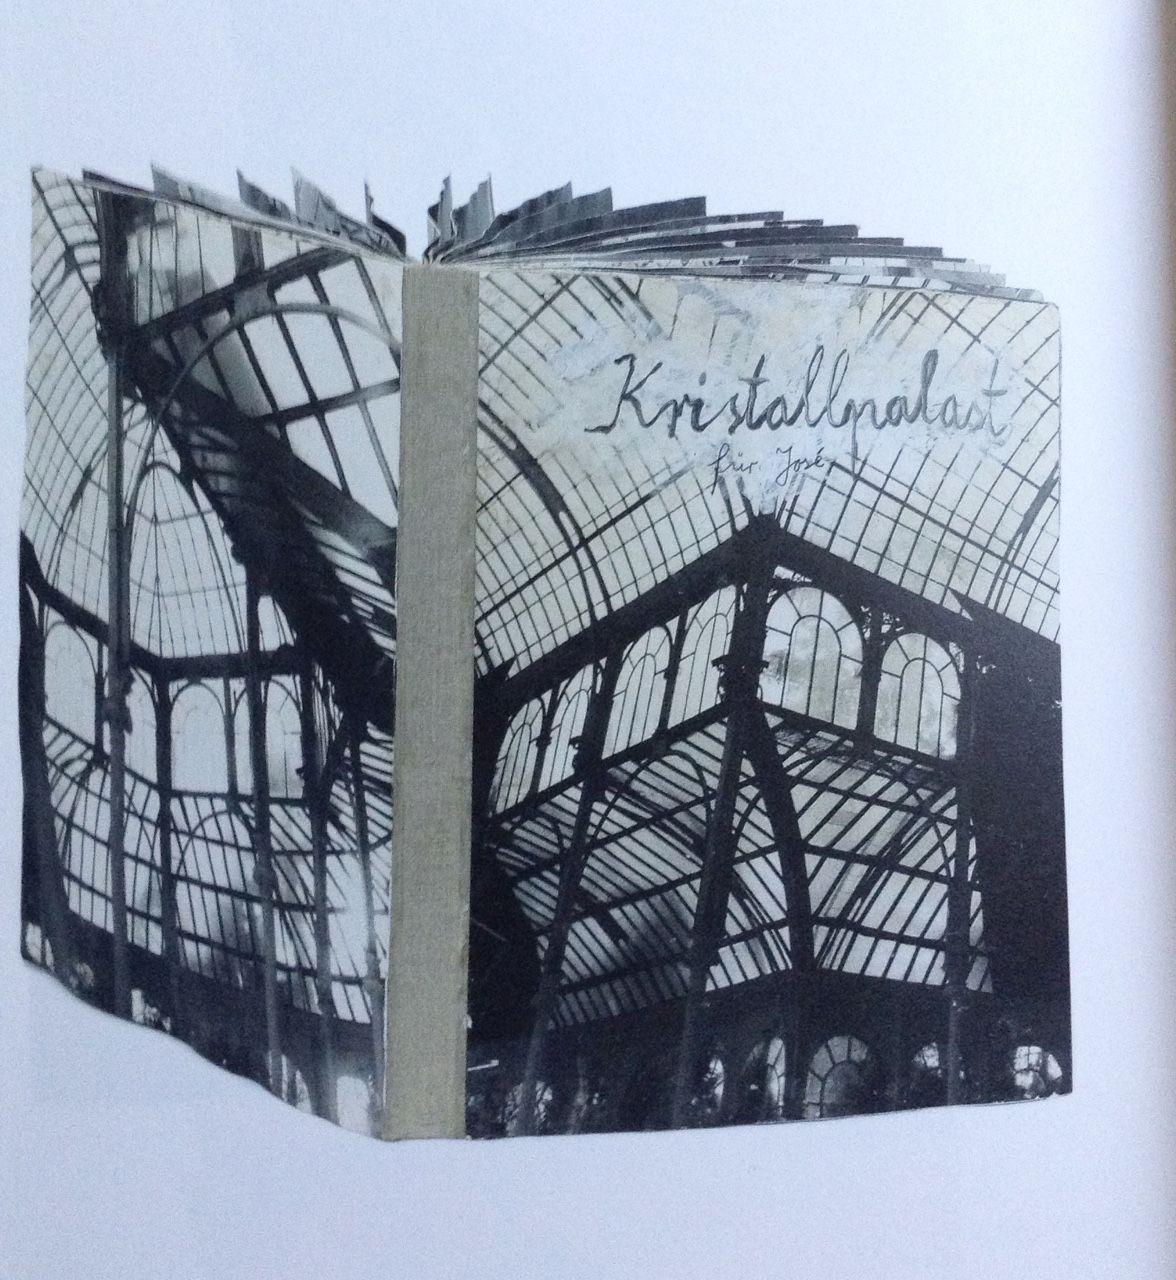 Jelens Anselm Kiefer Kristallpalast 1998 Book Sculpture Artist Books Book Art